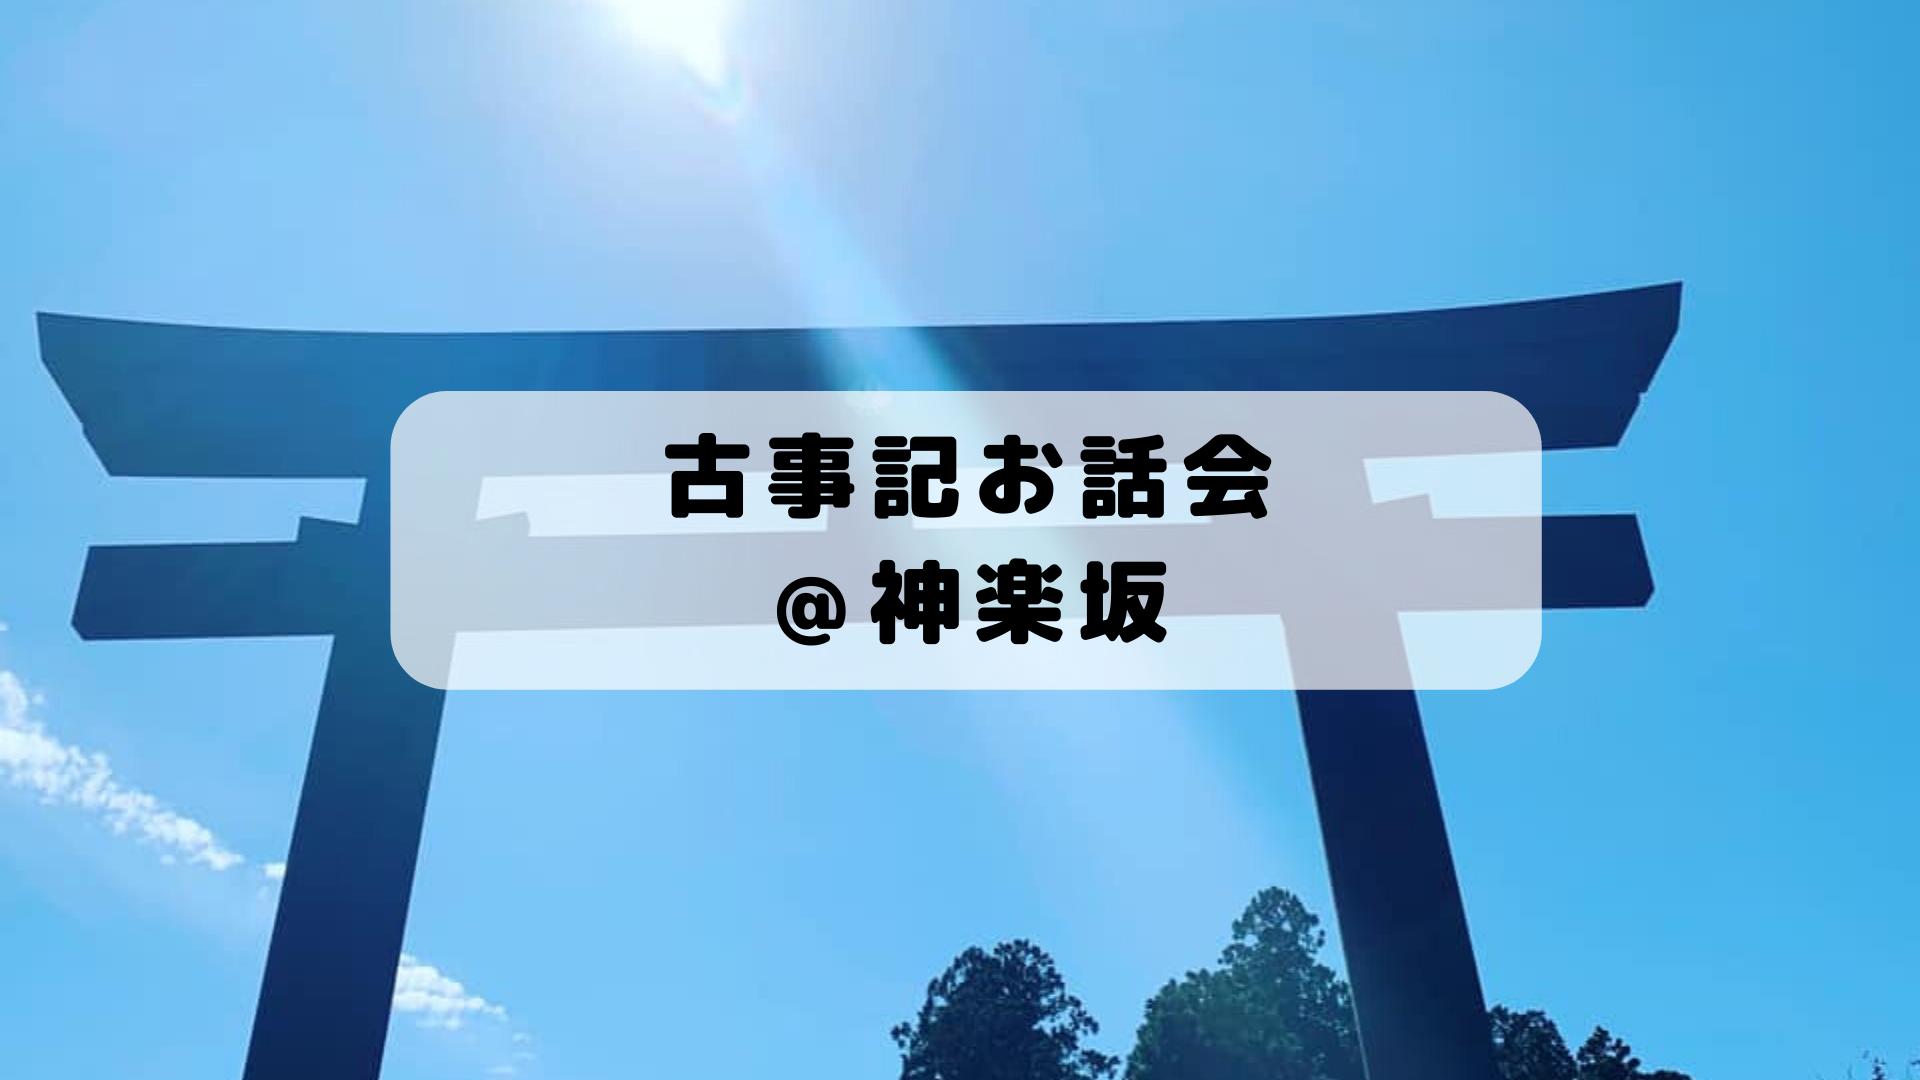 5/29 古事記お話会第3話@神楽坂